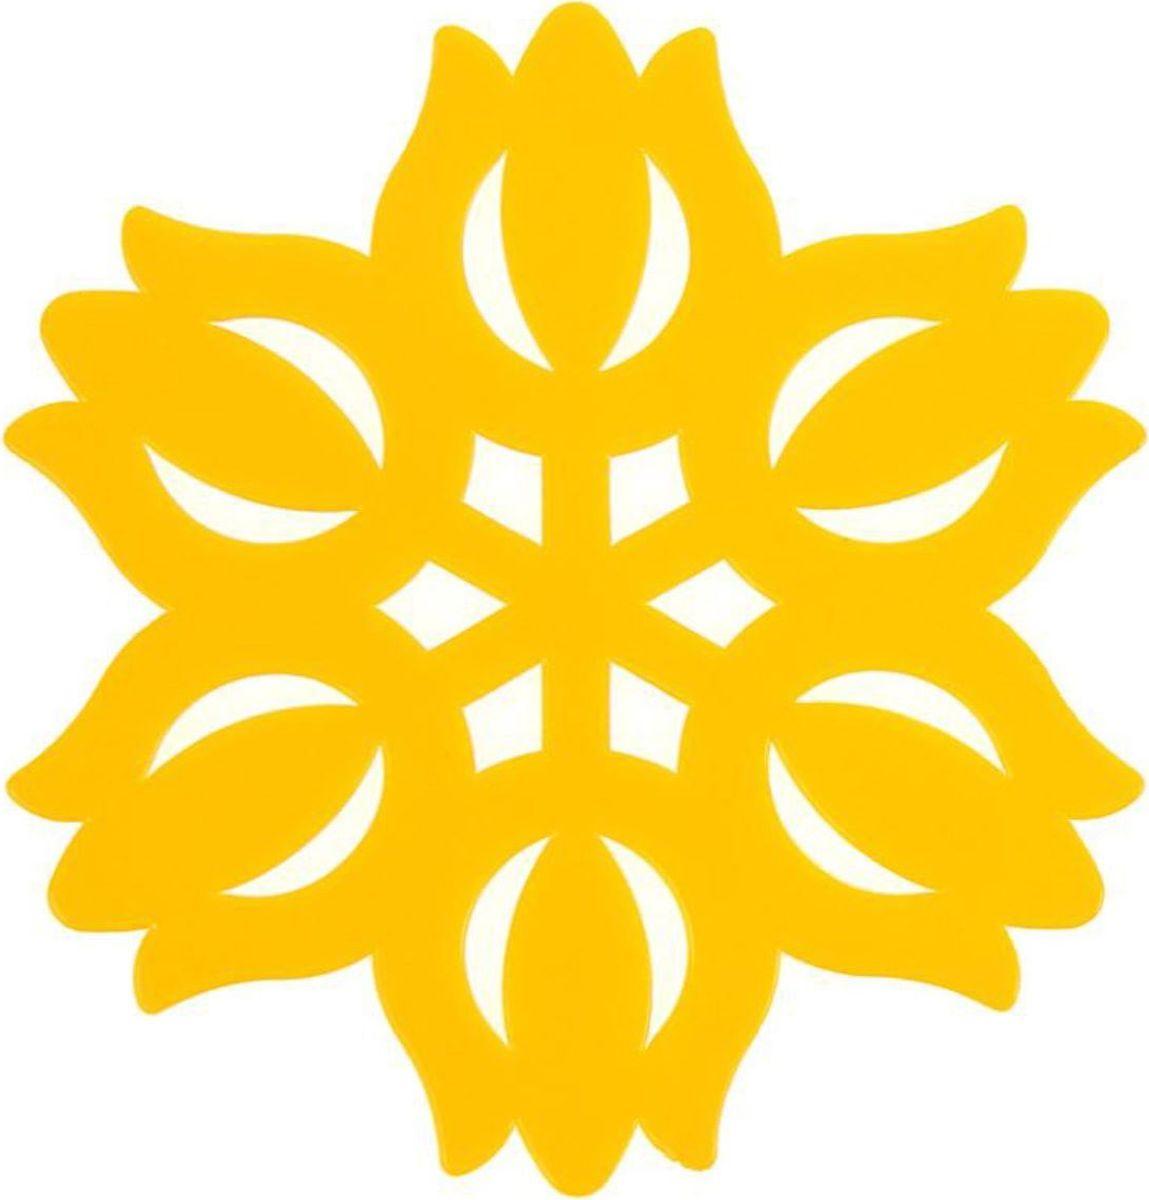 Подставка под горячее Доляна Тюльпан, цвет: желтый, диаметр 11 см811889Силиконовая подставка под горячее - практичный предмет, который обязательно пригодится в хозяйстве. Изделие поможет сберечь столы, тумбы, скатерти и клеёнки от повреждения нагретыми сковородами, кастрюлями, чайниками и тарелками.Необычный дизайн и яркий цвет этой подставки не только порадует глаз, но и украсит вашу кухню!